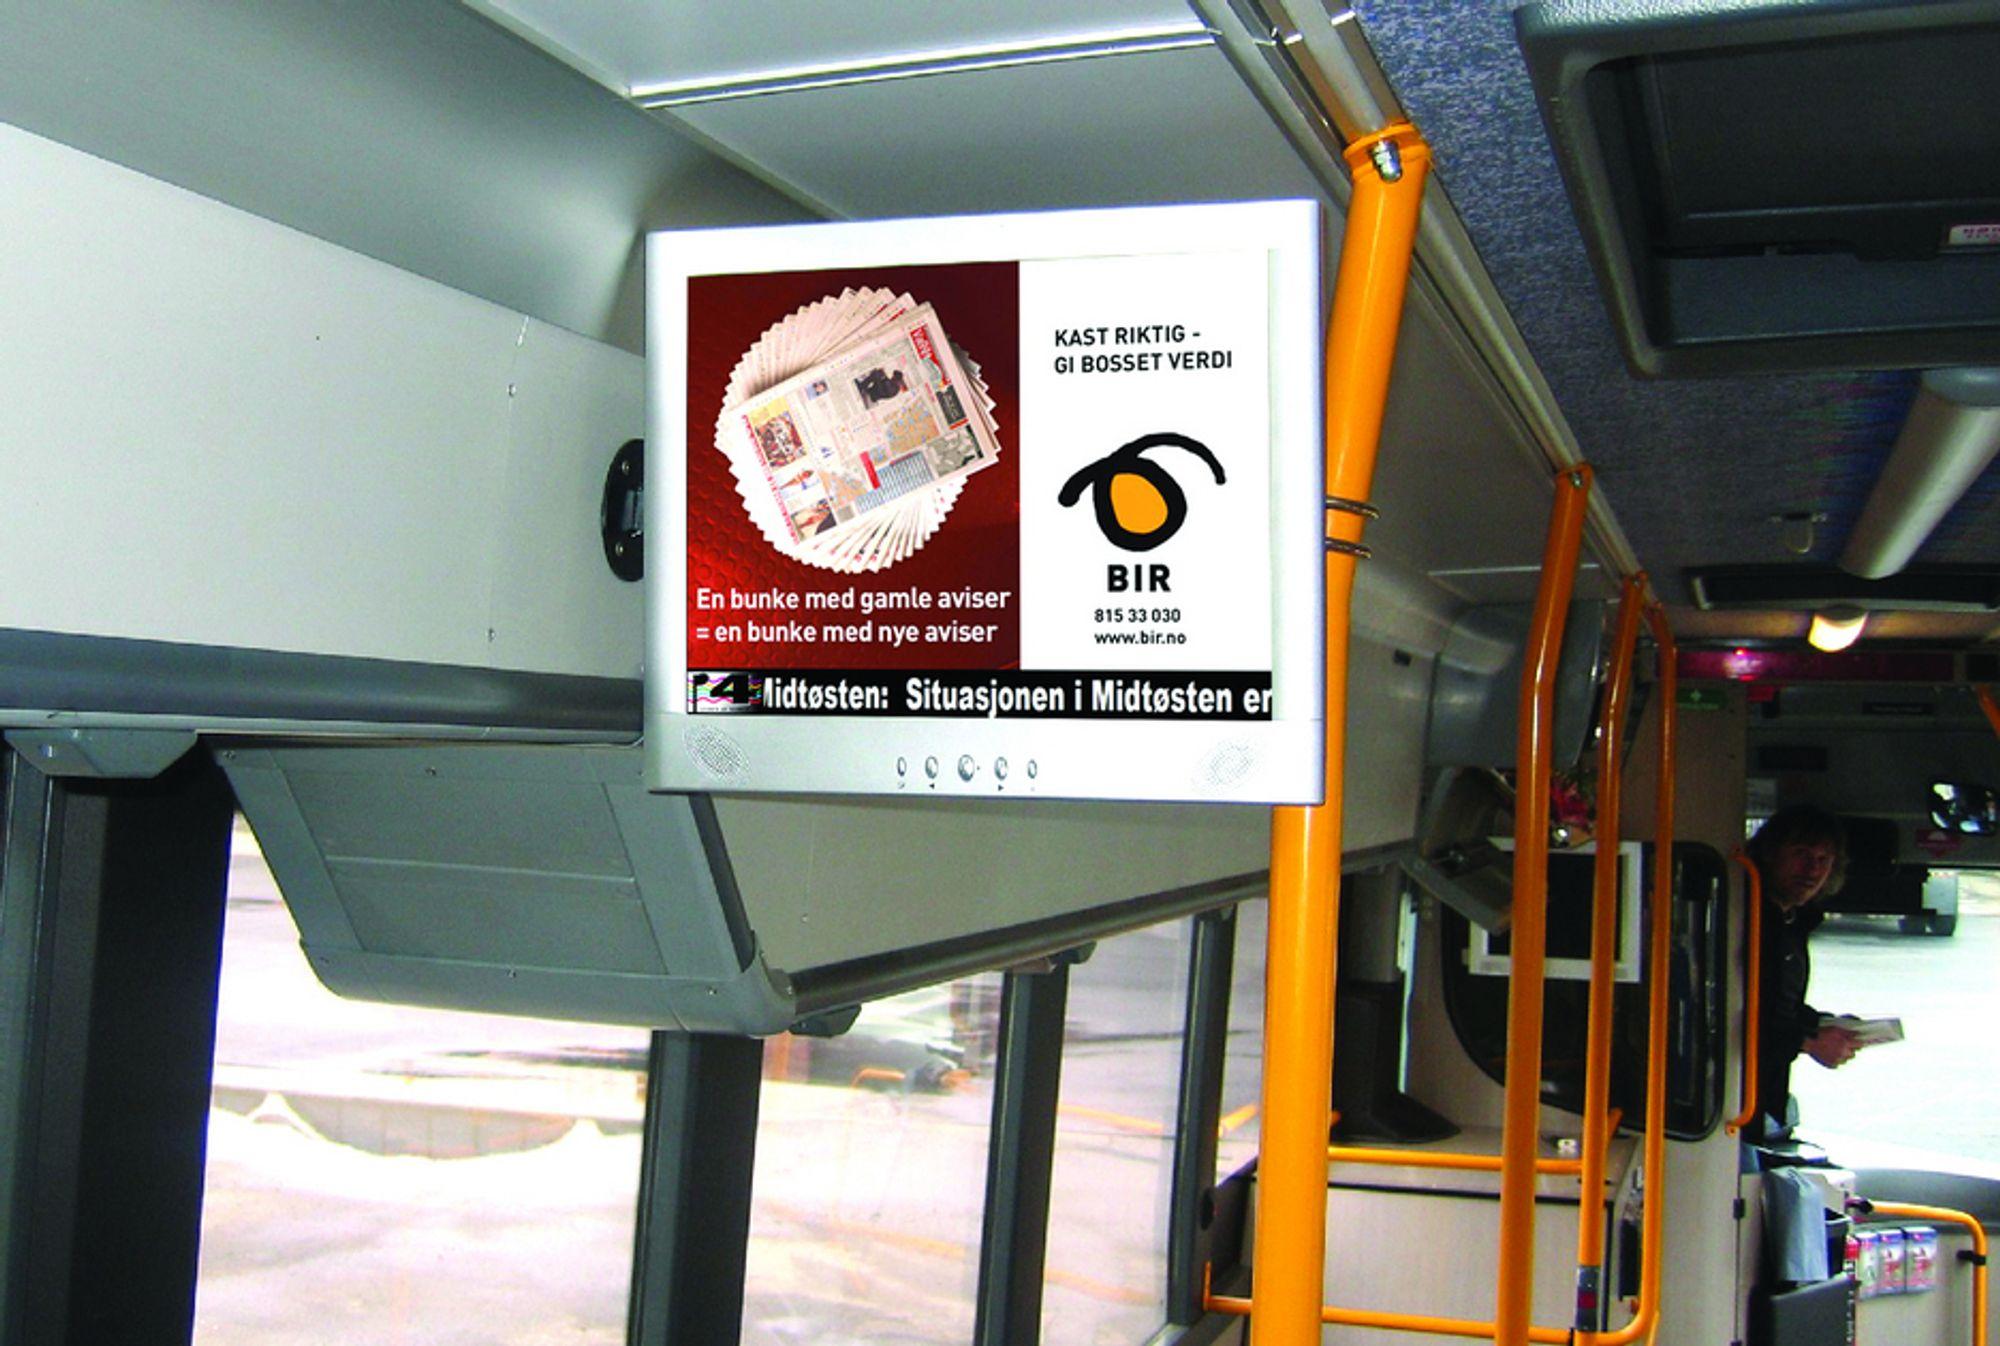 RETT PÅ SKJERMEN: Mange norsk busspassasjerer får ferske nyheter i bussen med reklame på kjøpet. Foto SBS